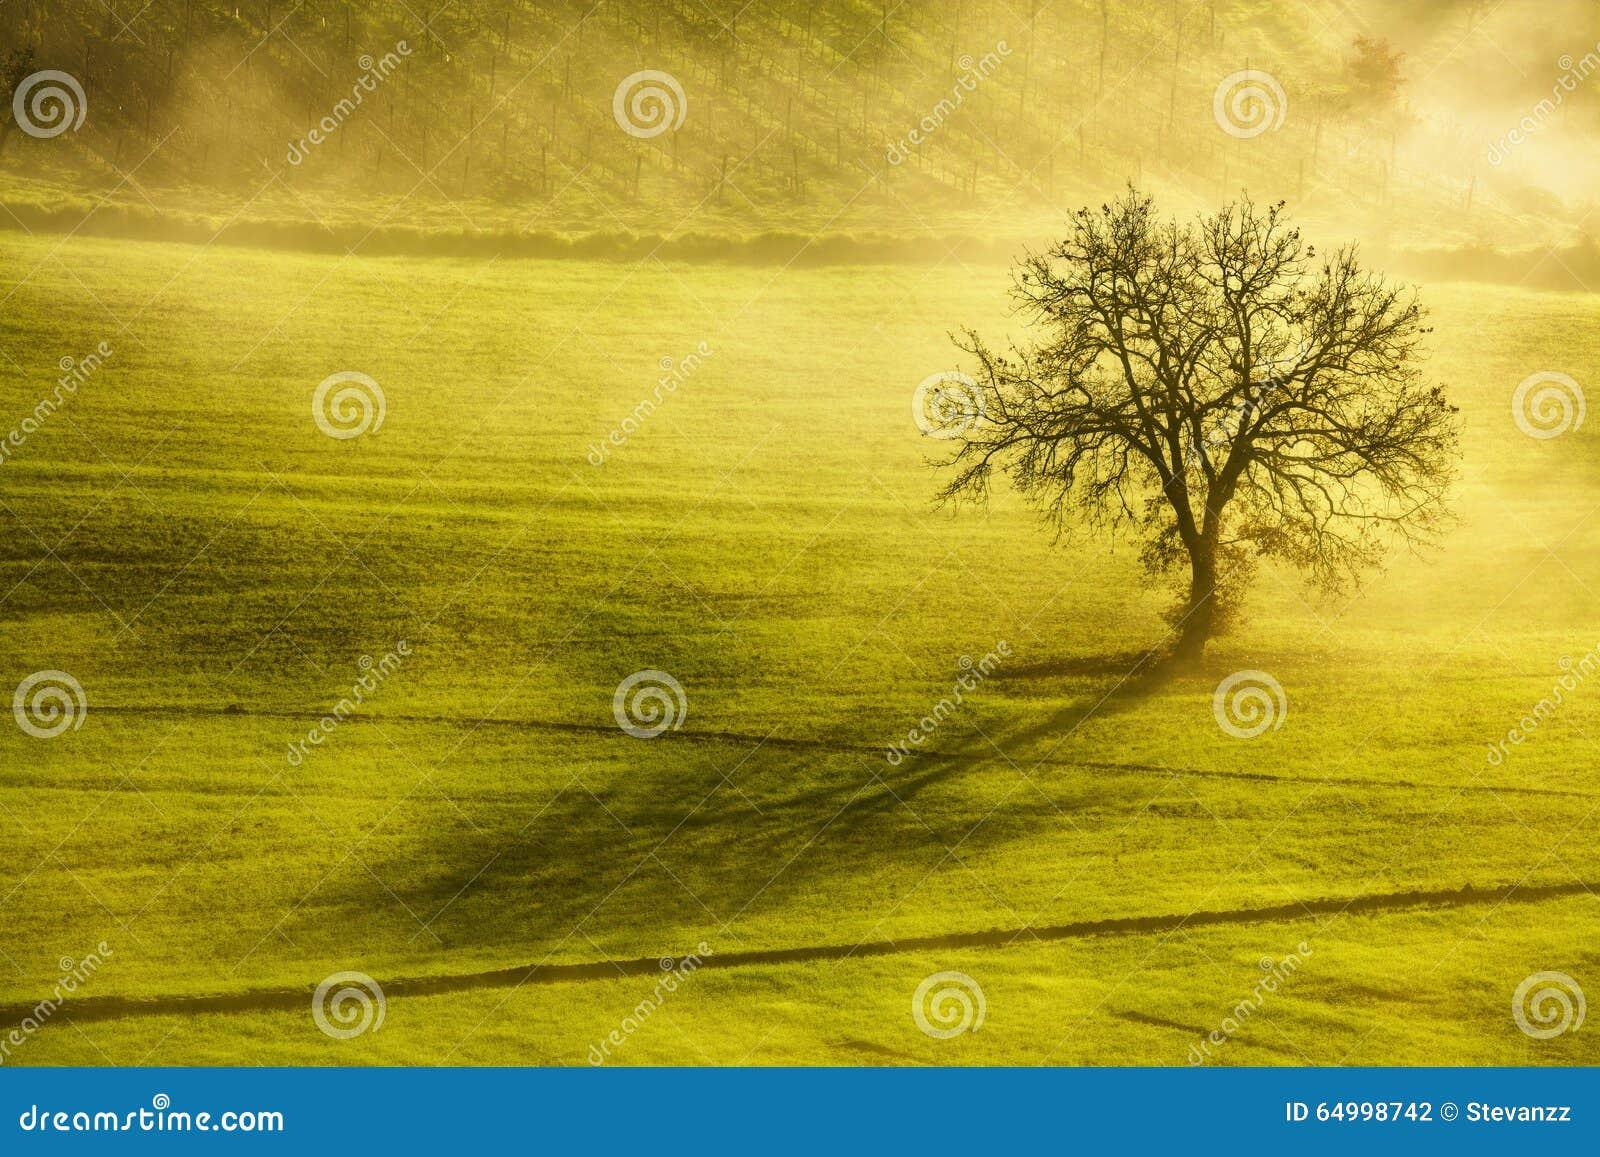 Tuscany vintermorgon, ensamt träd och dimma italy